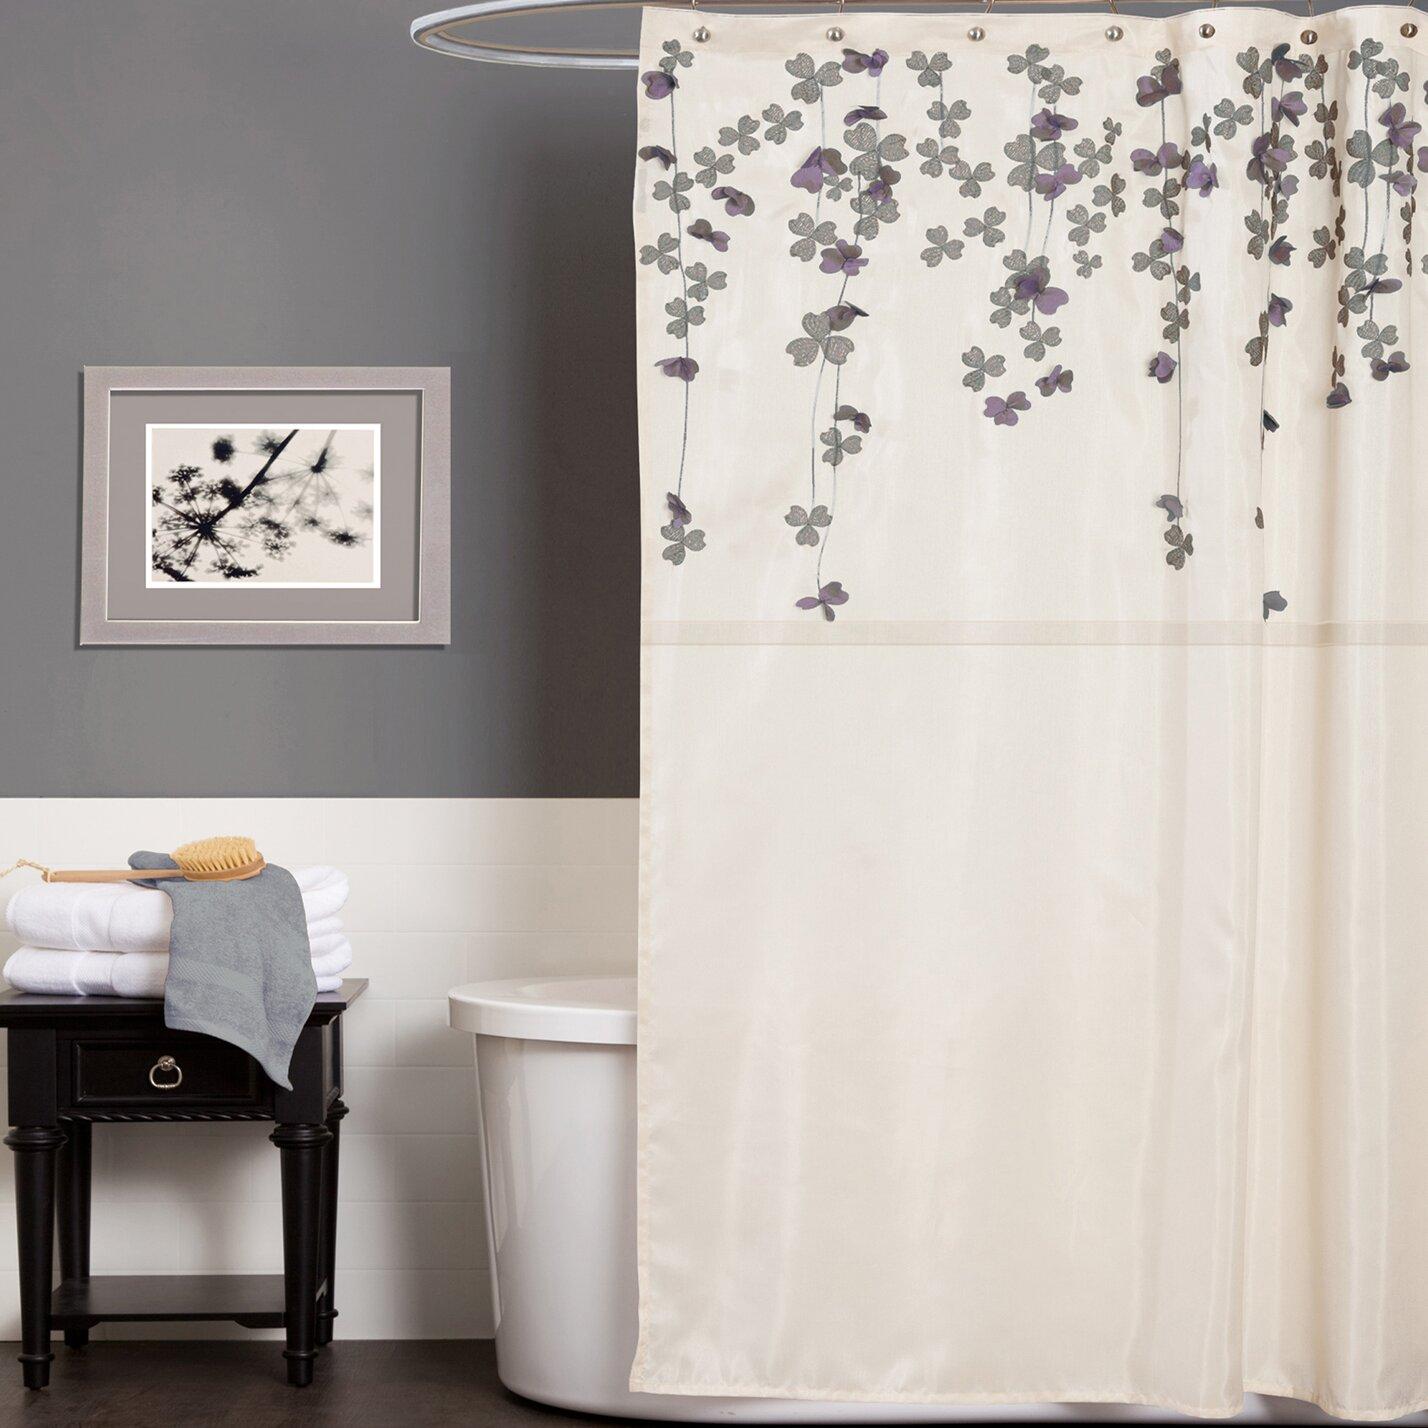 Alcott Hill Ravenna Shower Curtain  Reviews Wayfair - Shower curtain